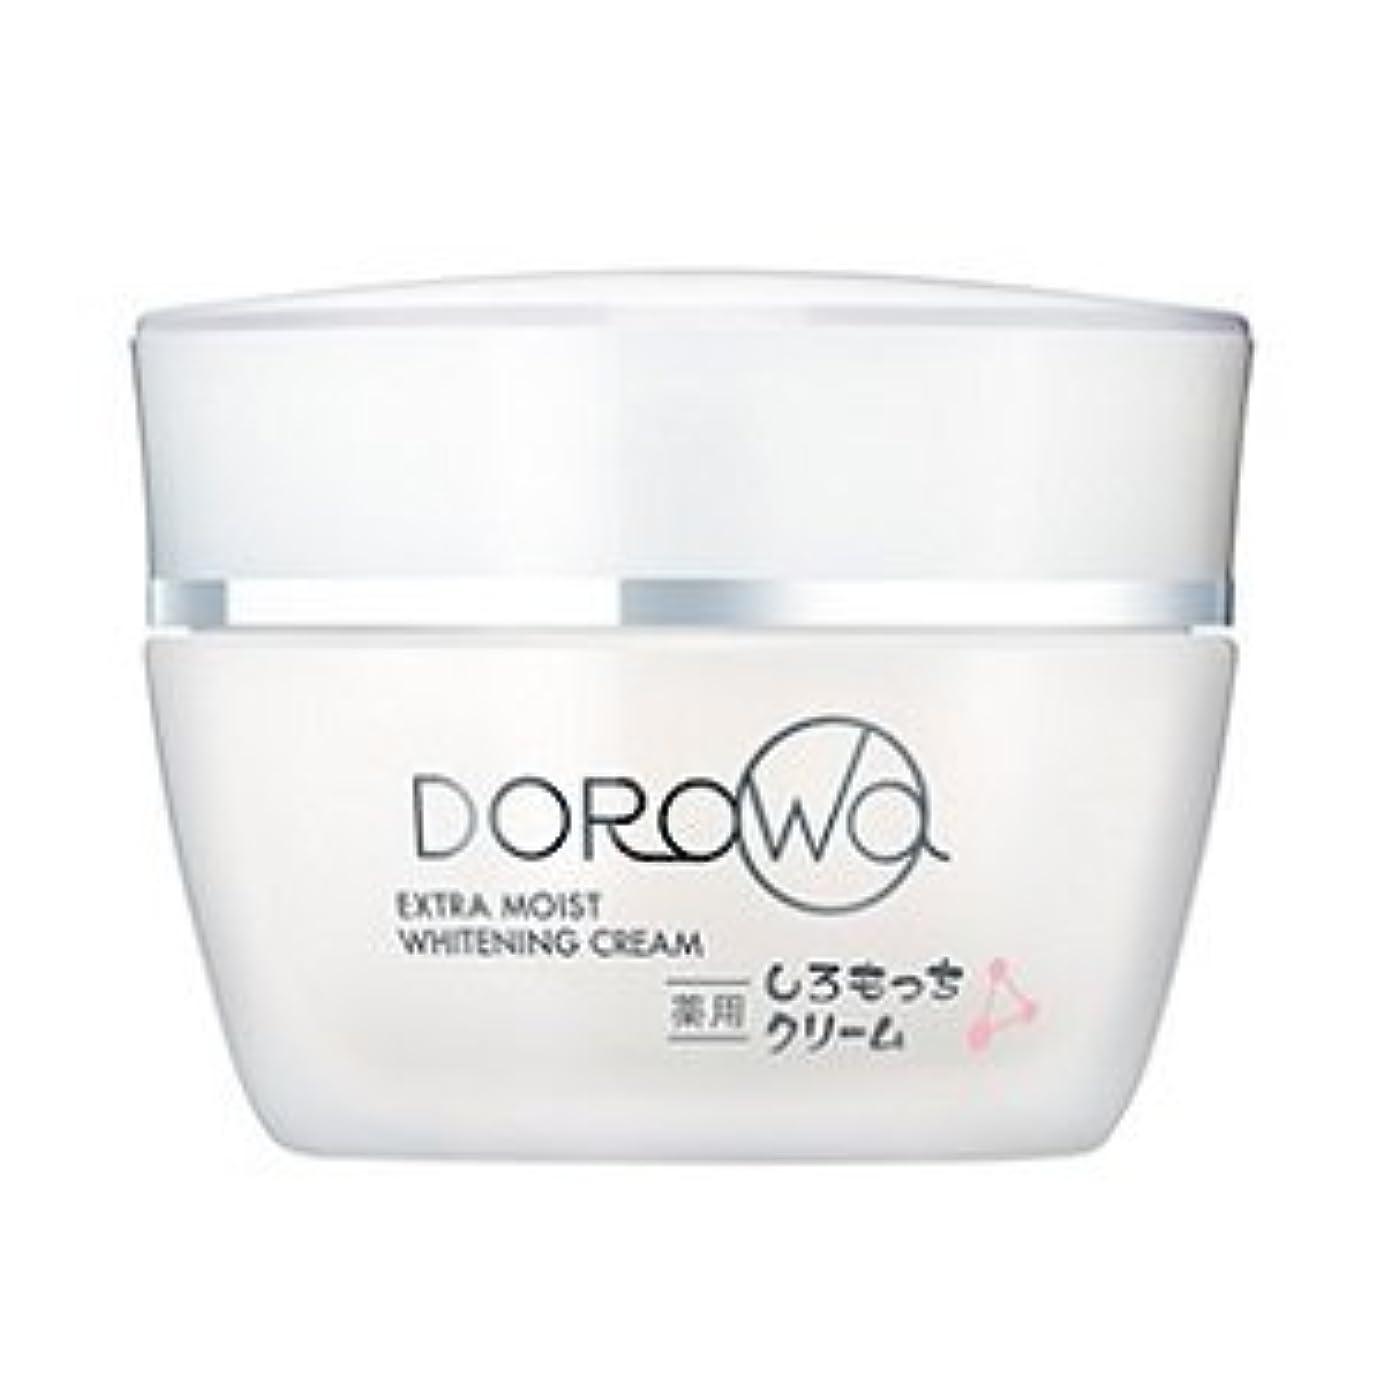 白内障道に迷いましたラベル健康コーポレーション DOROwa 薬用 しろもっちクリーム 60g